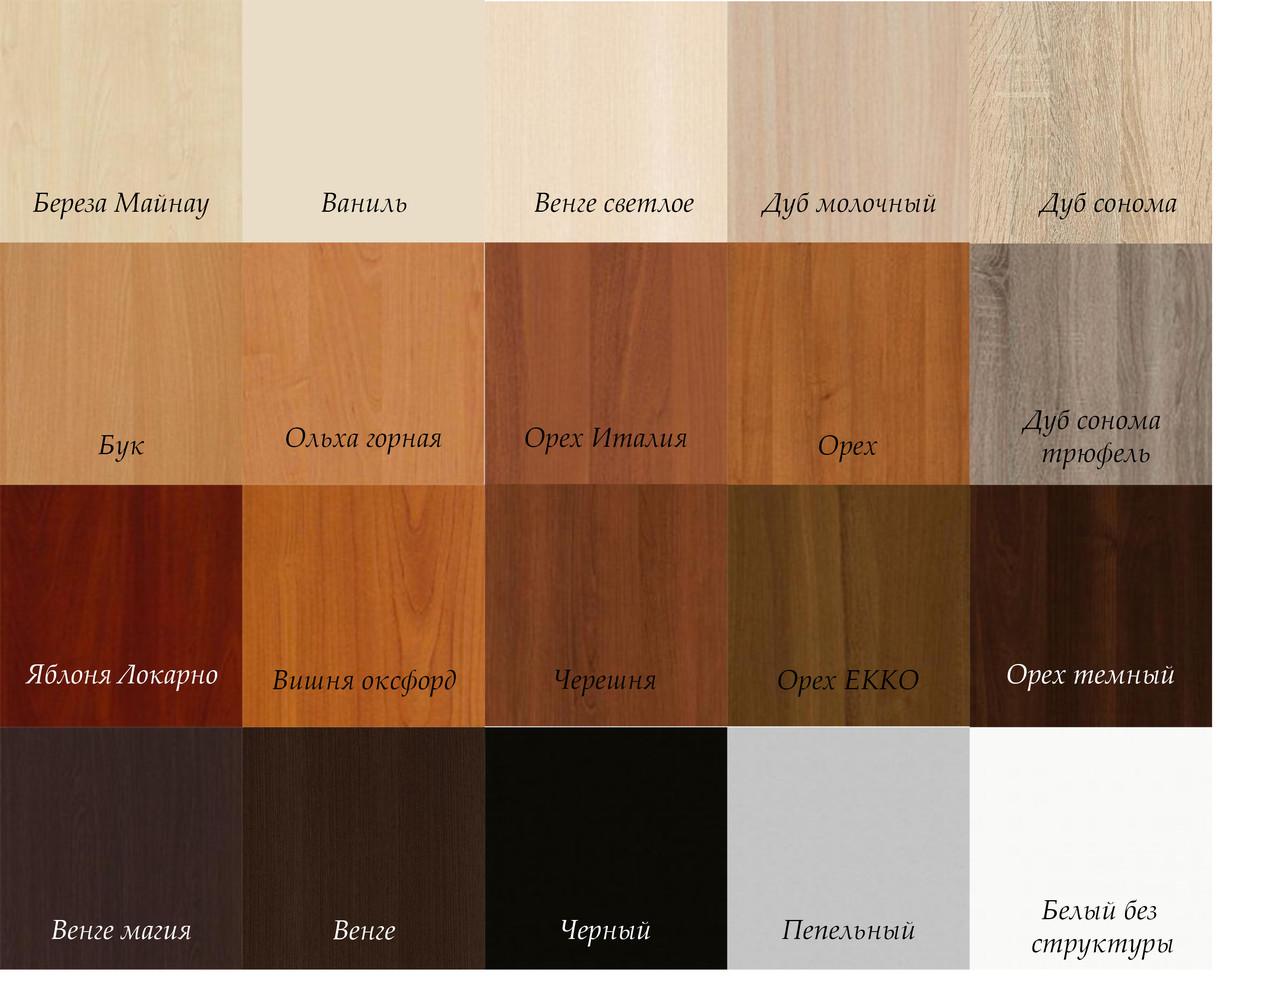 Какого цвета обои подойдут к мебели цвета венге и беленый дуб